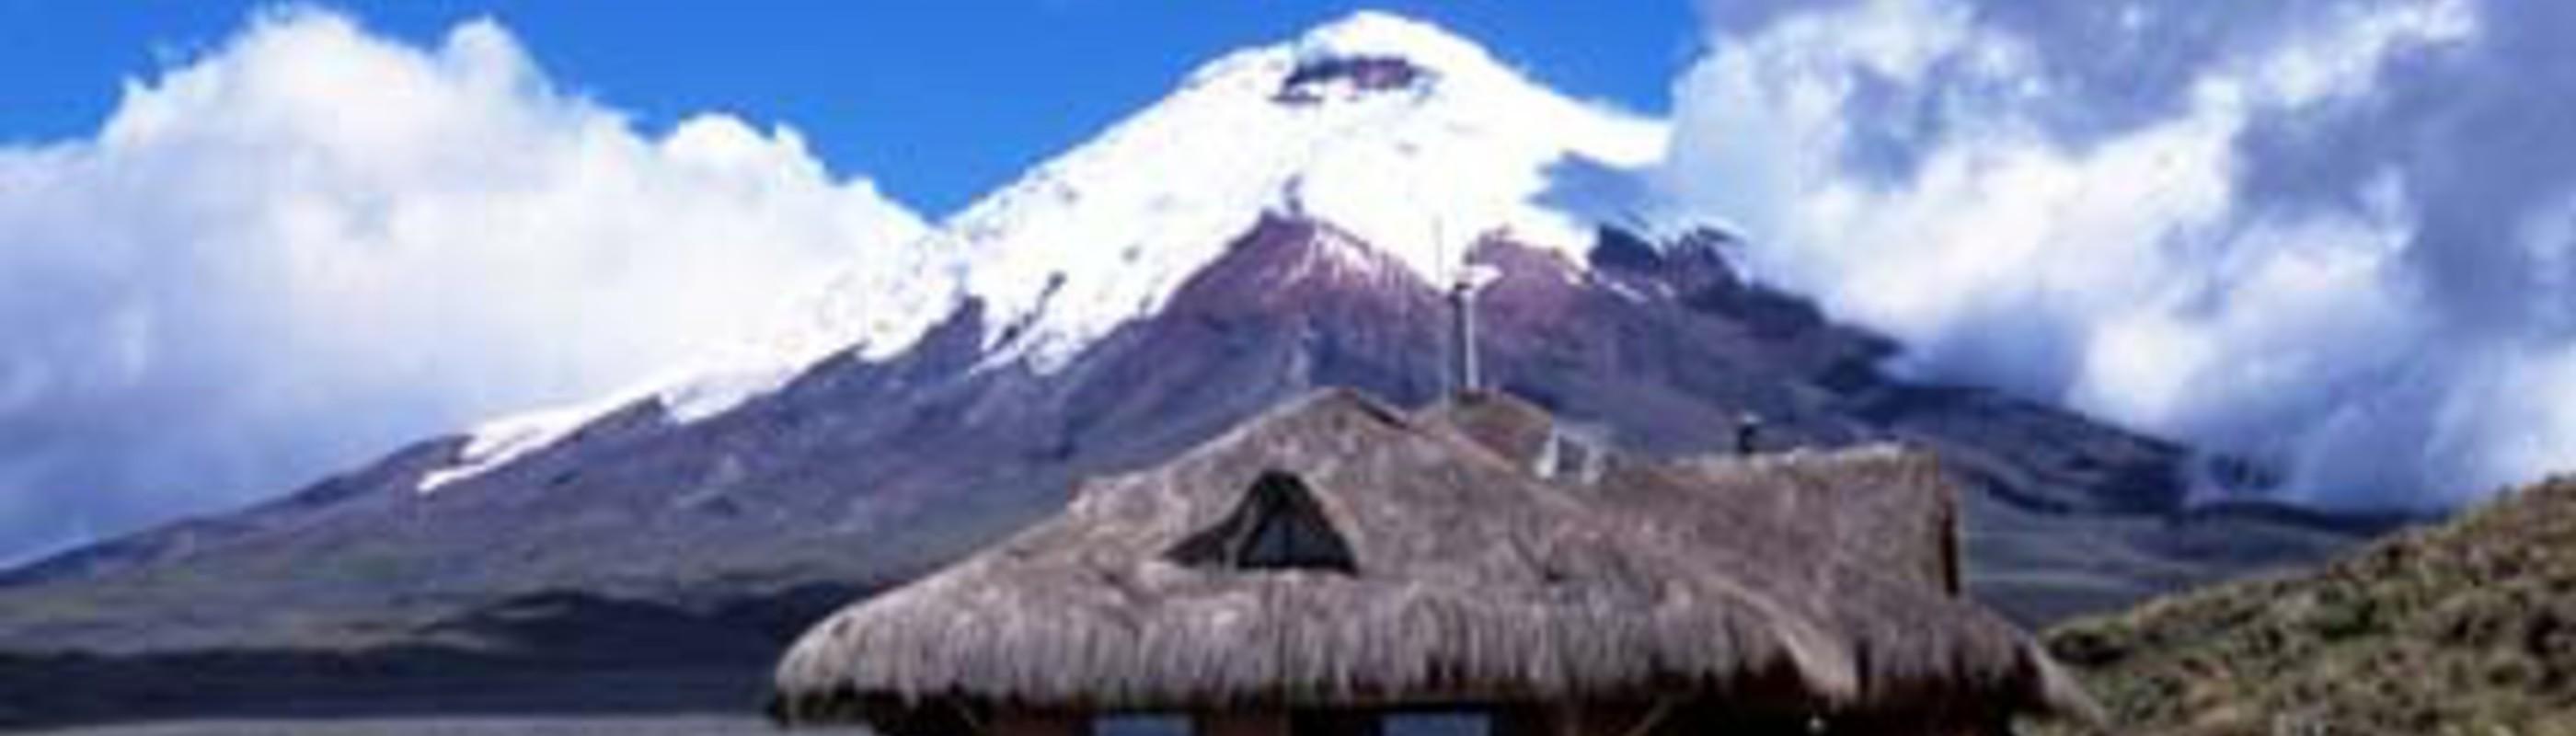 Ecoturismo report con lo sciamano sul viale dei vulcani for Piani casa da 4000 a 5000 piedi quadrati